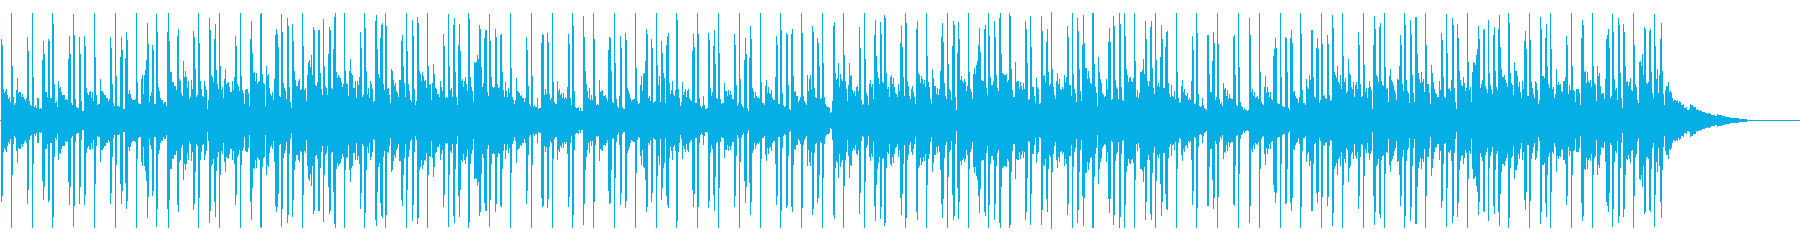 カフェ/メロウ/チル/おしゃれの再生済みの波形